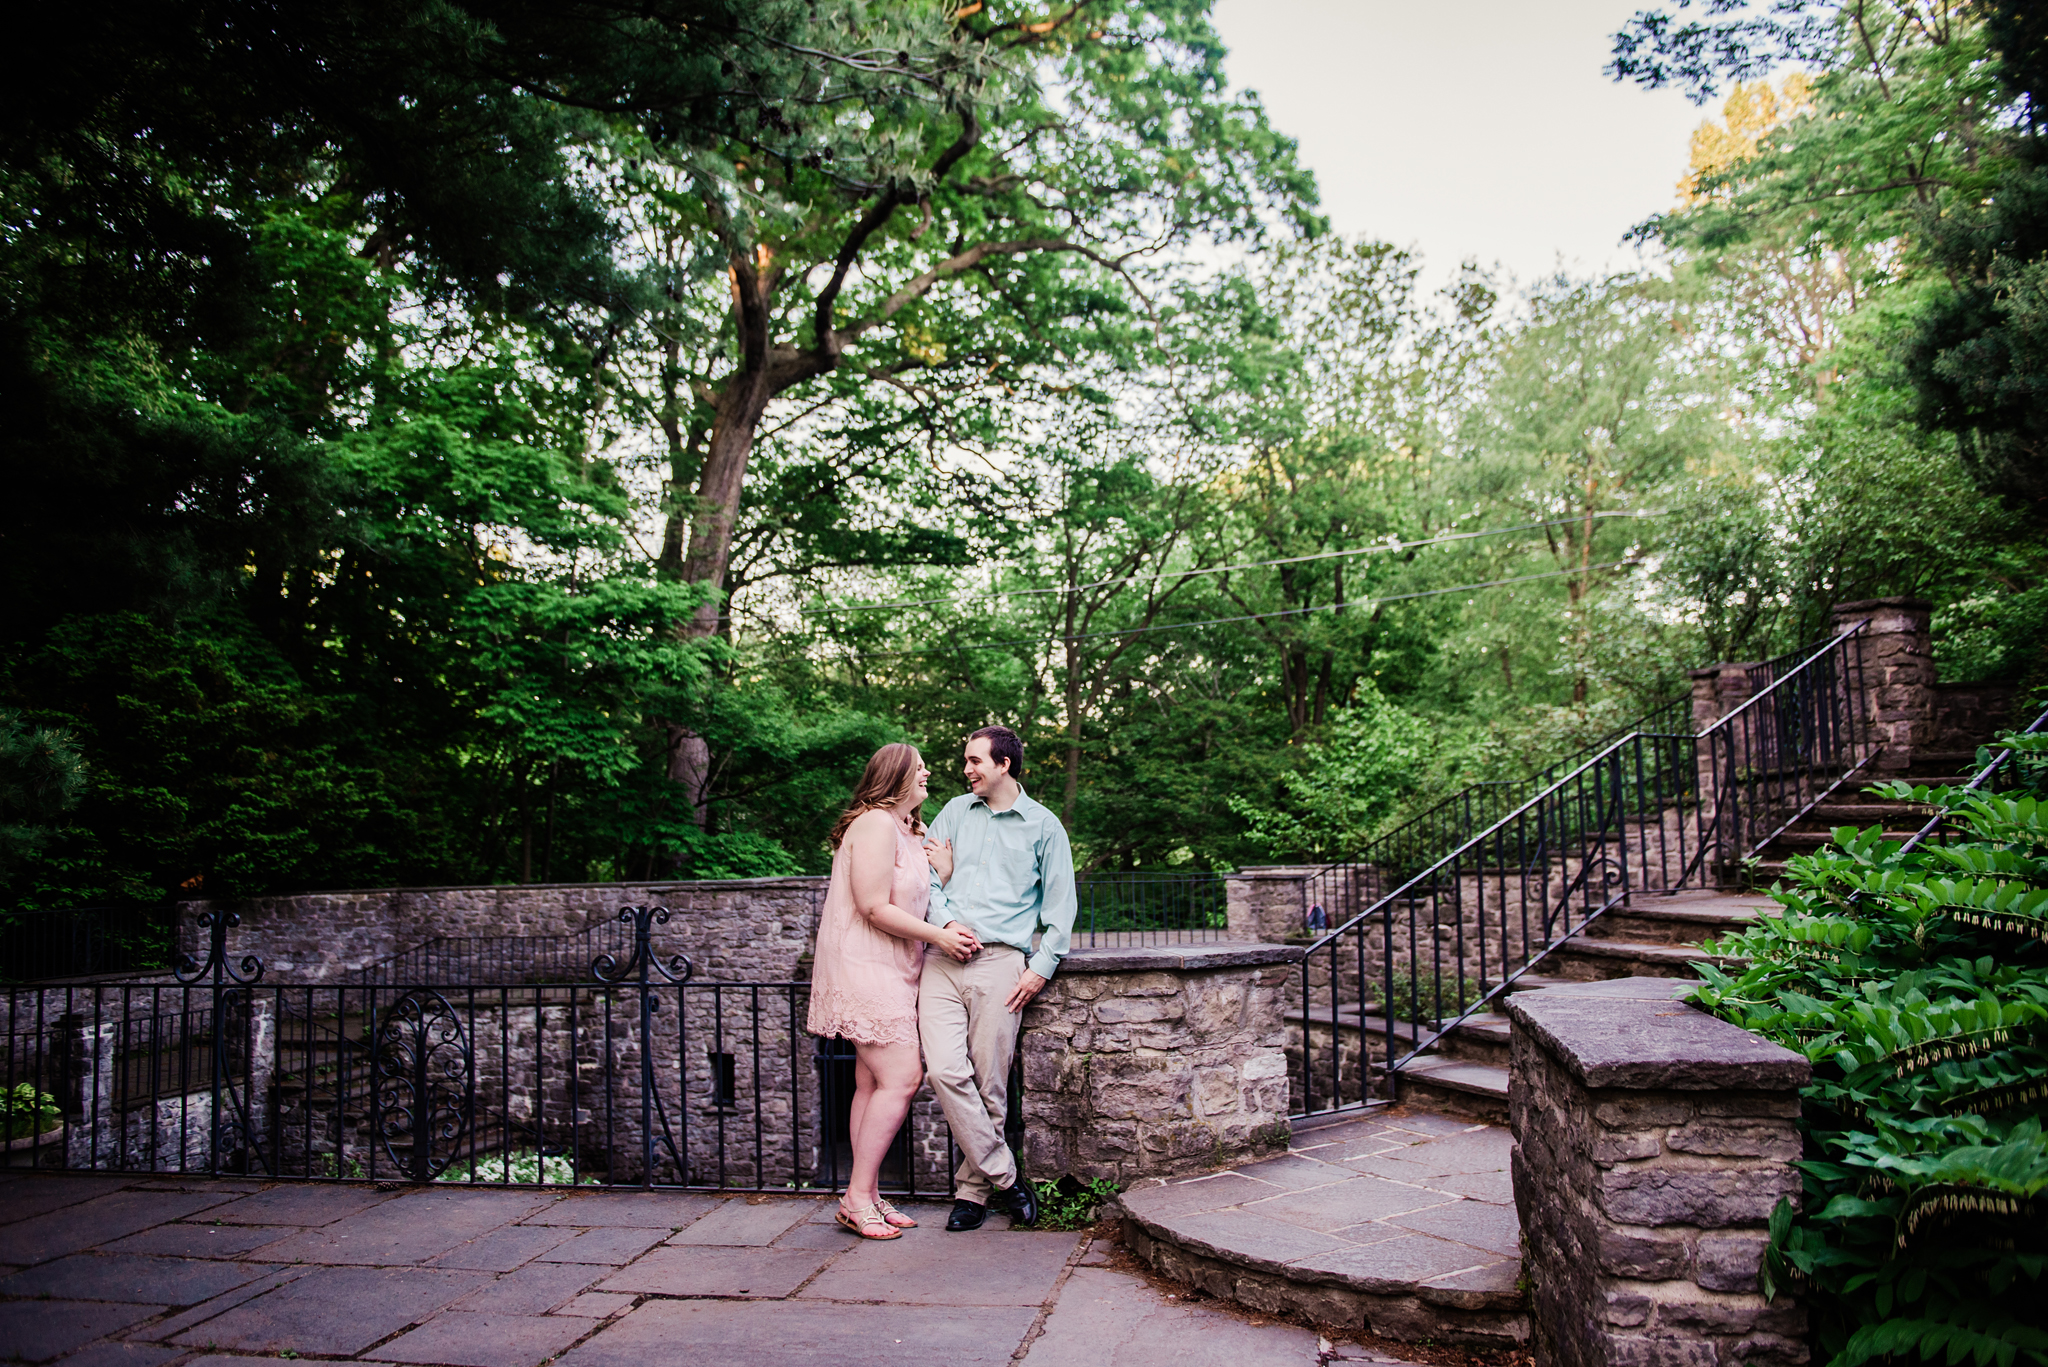 Warner_Castle_Sunken_Gardens_Rochester_Engagement_Session_JILL_STUDIO_Rochester_NY_Photographer_DSC_1501.jpg